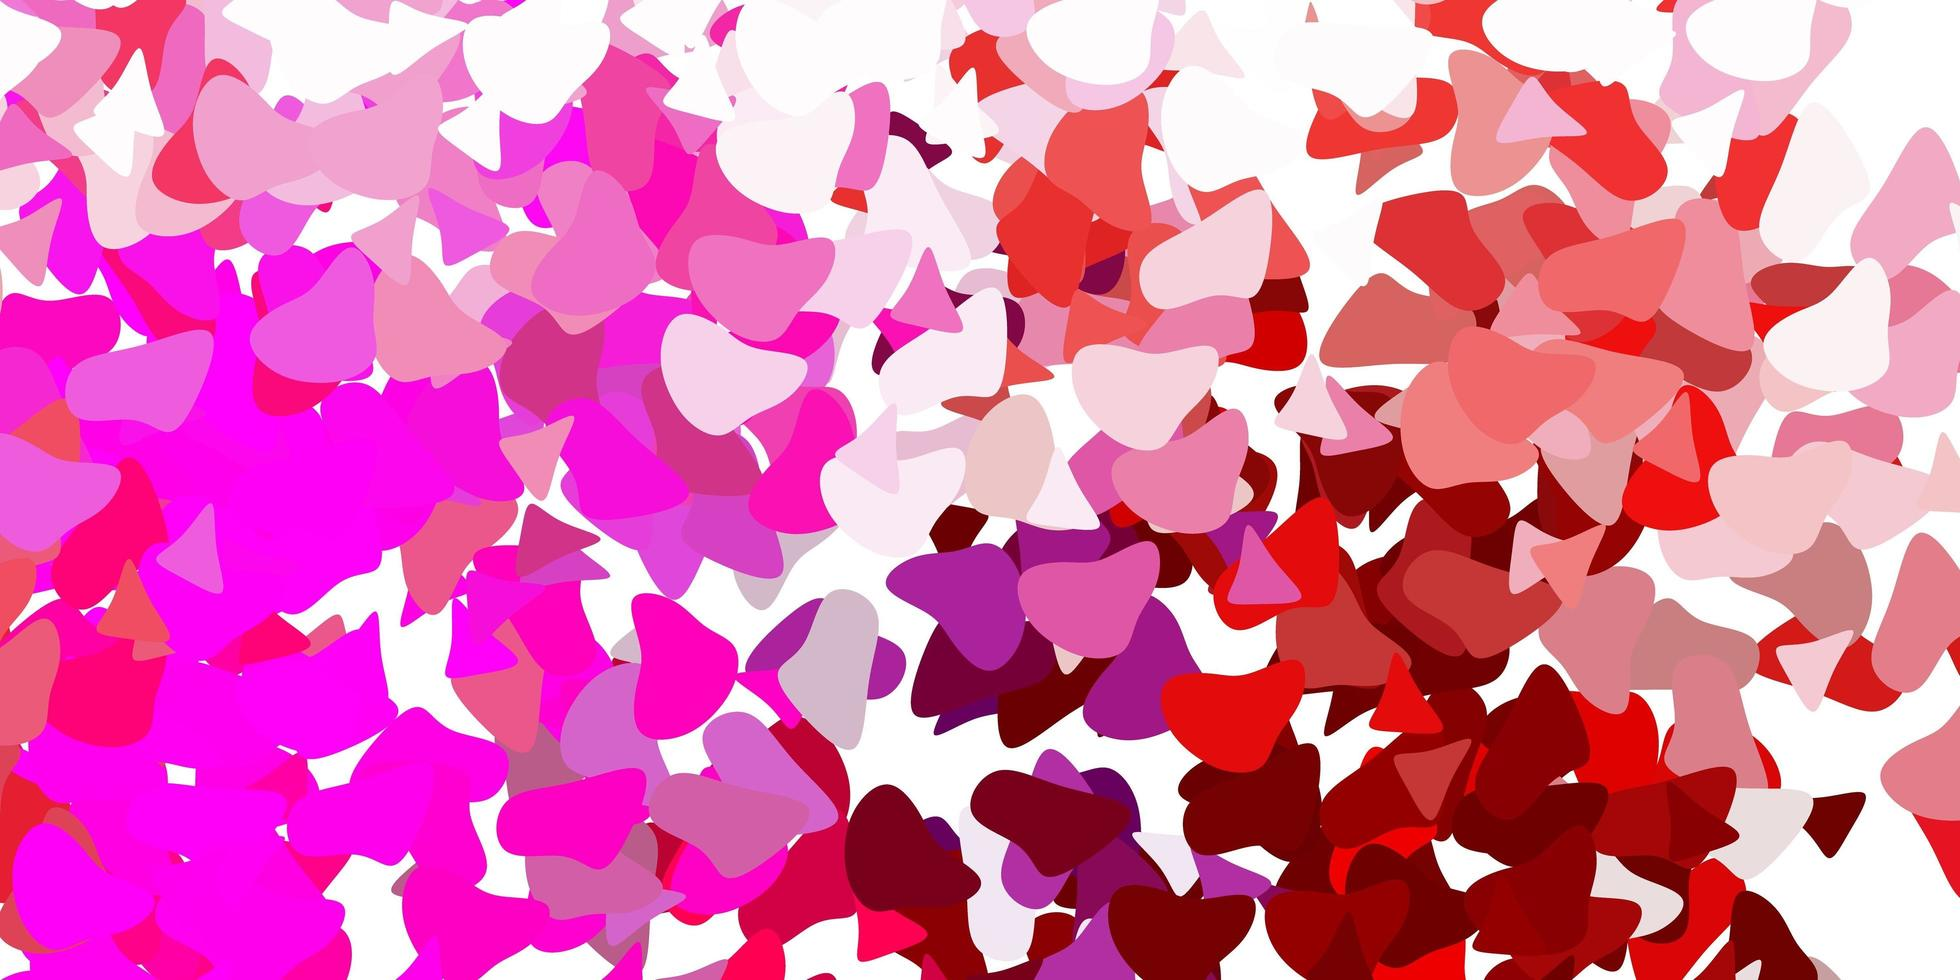 sfondo vettoriale viola chiaro, rosa con forme caotiche.